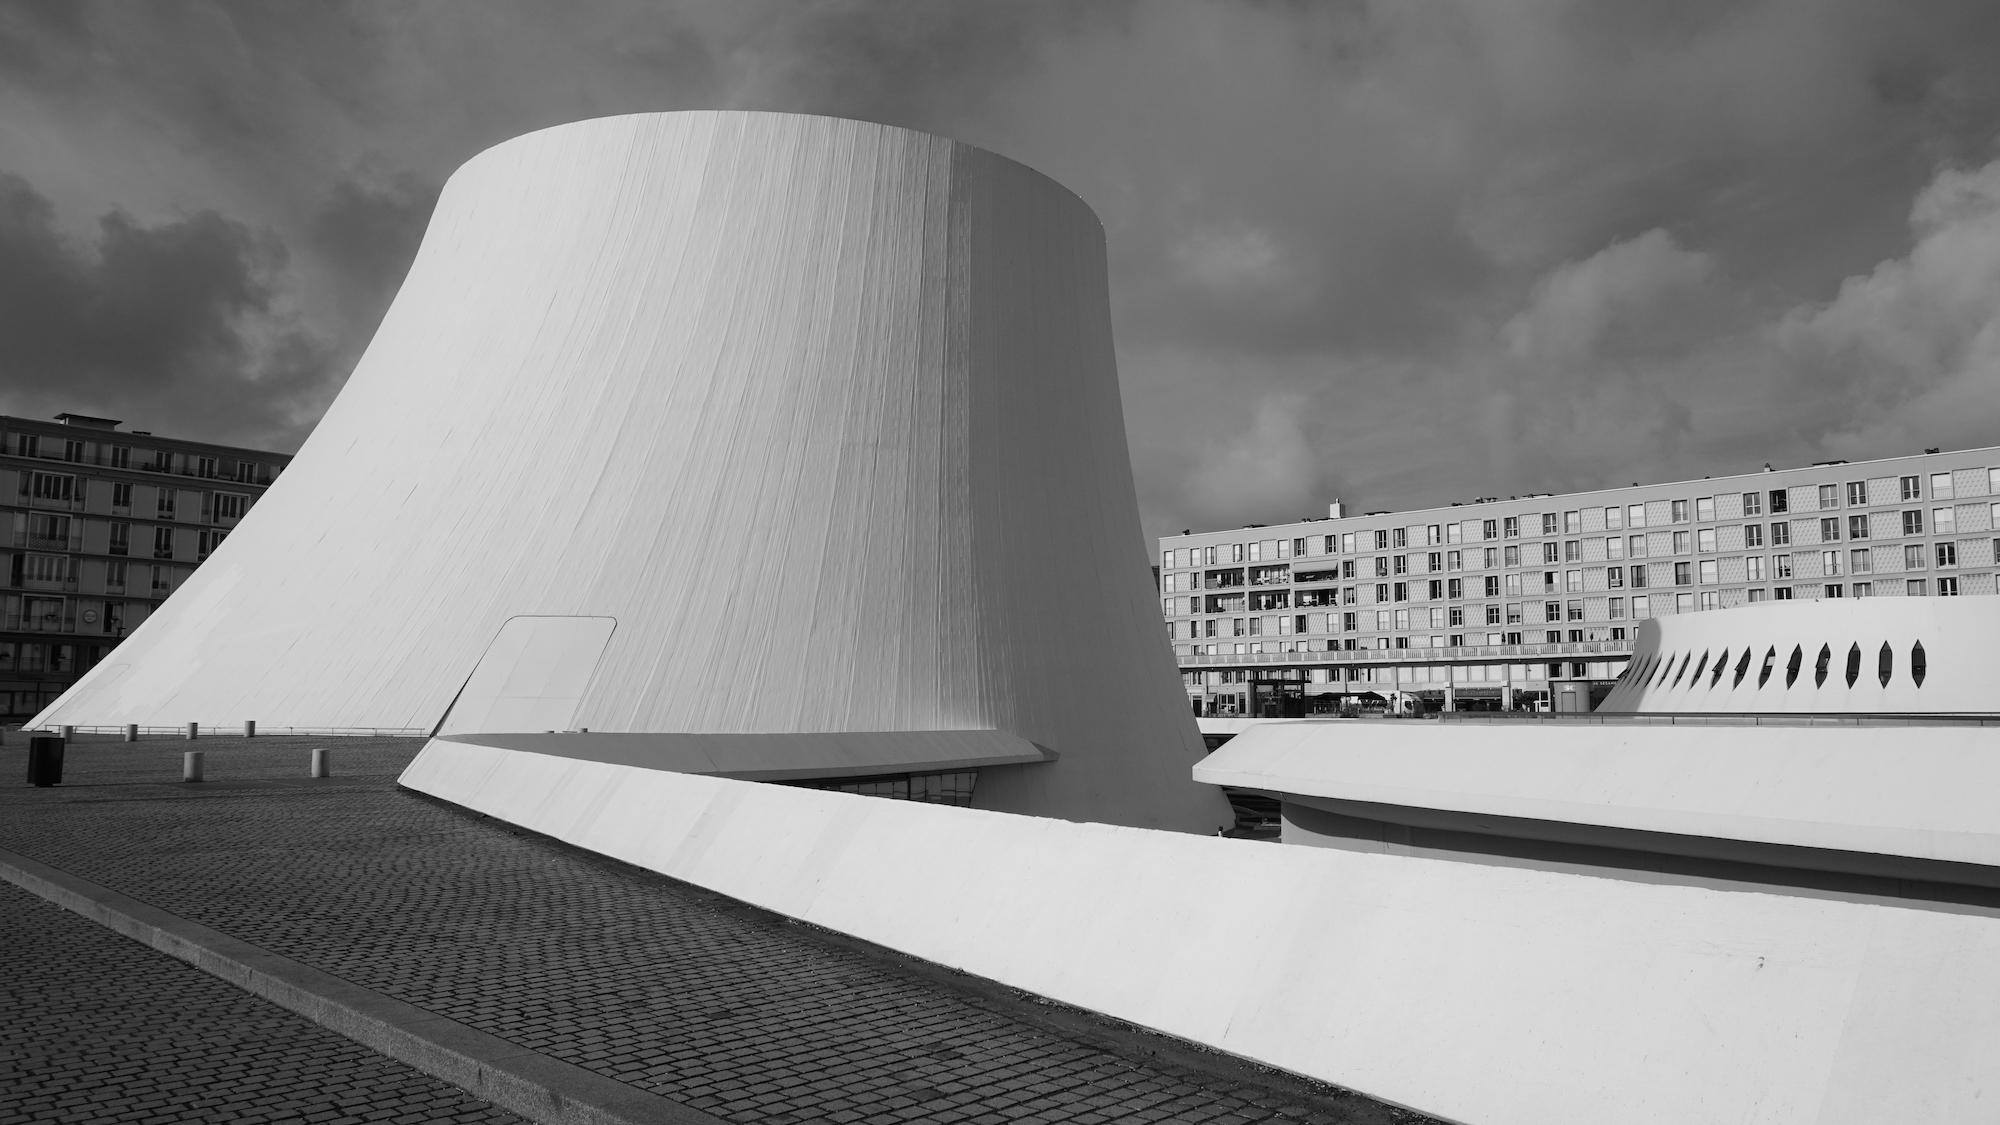 vulkanförmiges weißes Bauwerk vor Wohngebäuden aus der Nachkriegszeit